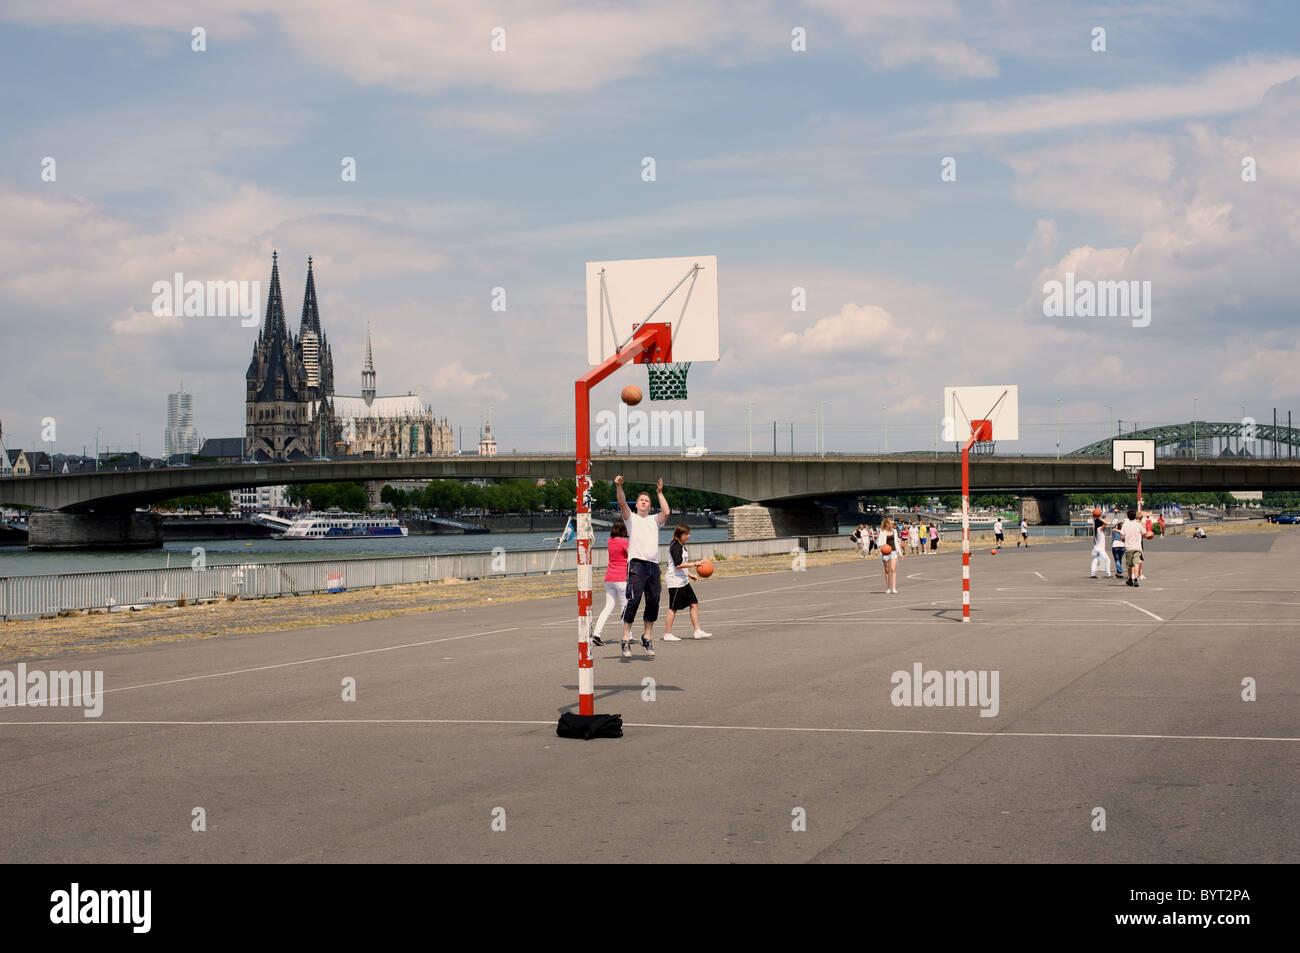 Les élèves jouant au basket-ball à côté du Rhin, Cologne, Allemagne. Photo Stock